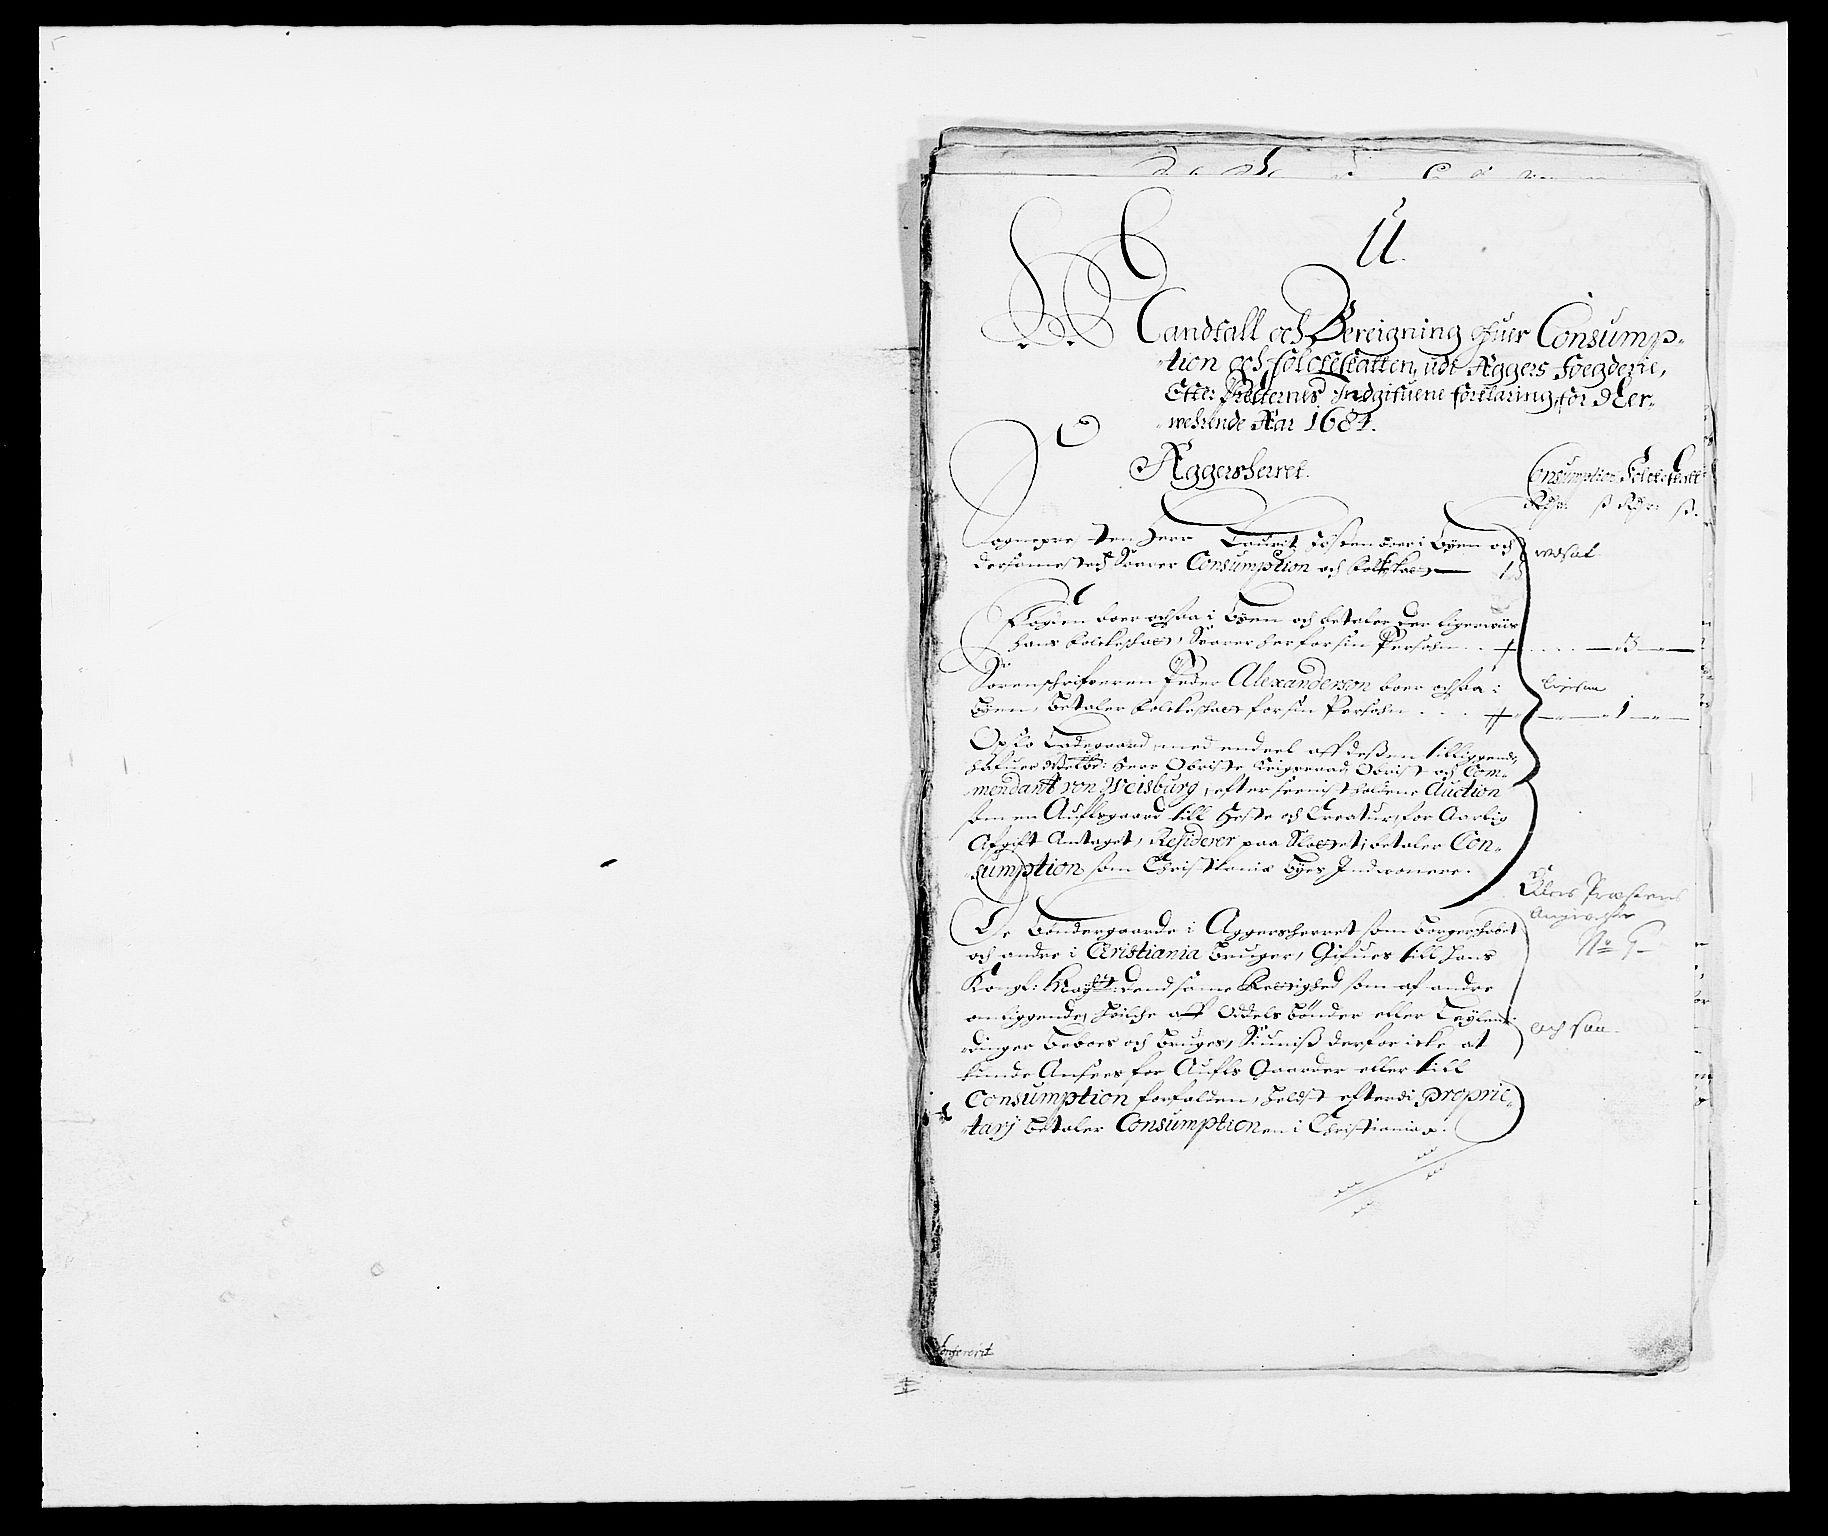 RA, Rentekammeret inntil 1814, Reviderte regnskaper, Fogderegnskap, R08/L0421: Fogderegnskap Aker, 1682-1683, s. 82